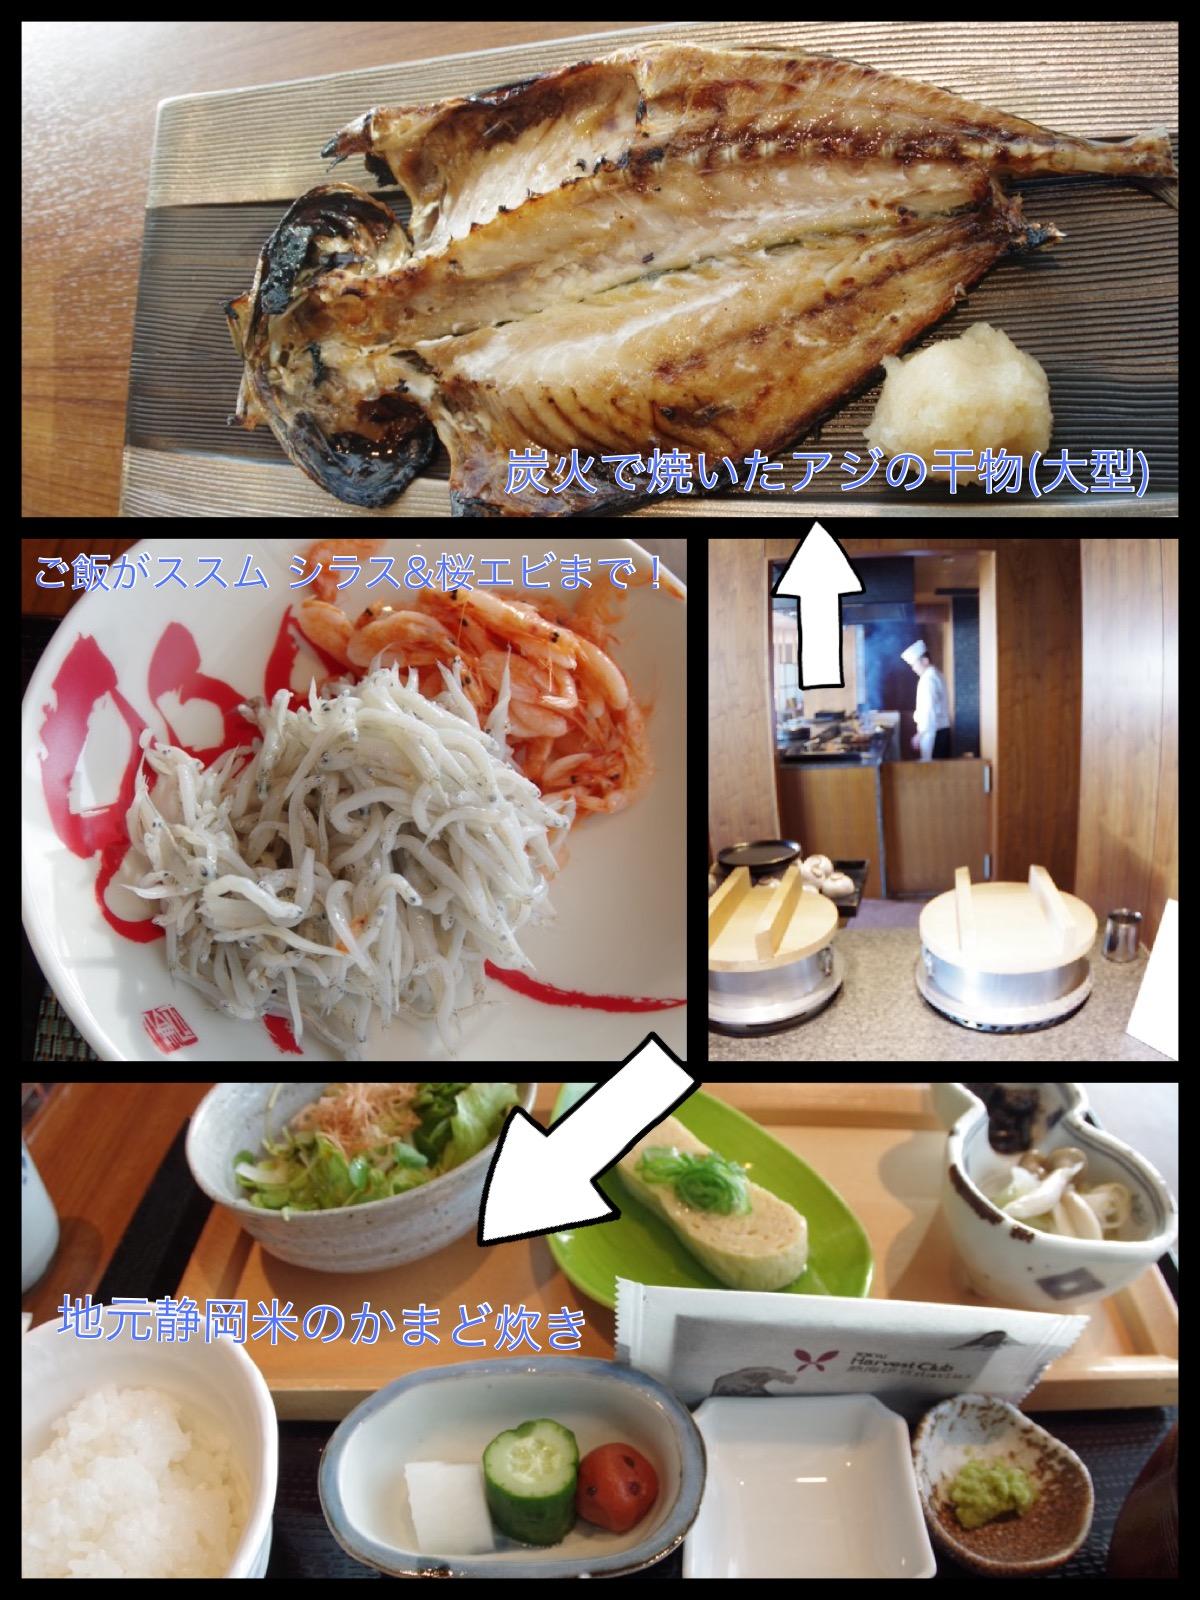 東急ハーヴェストクラブ 熱海伊豆山 きらく 和朝食